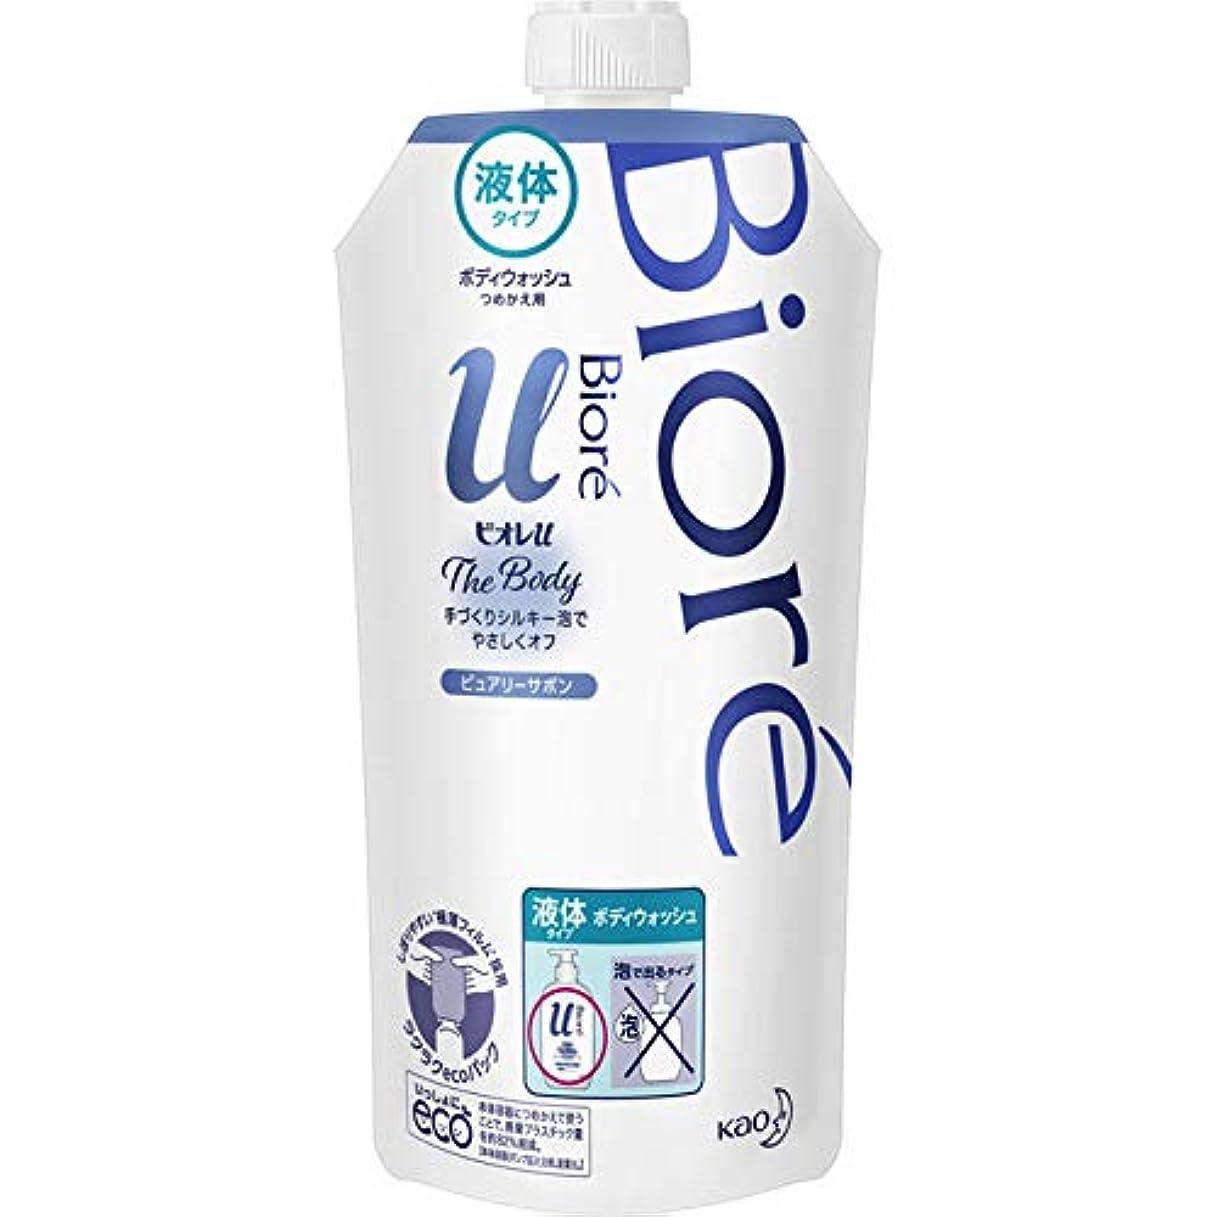 ウェーハ集計格納花王 ビオレu ザ ボディ液体ピュアリーサボンの香り 詰替え用 340ml